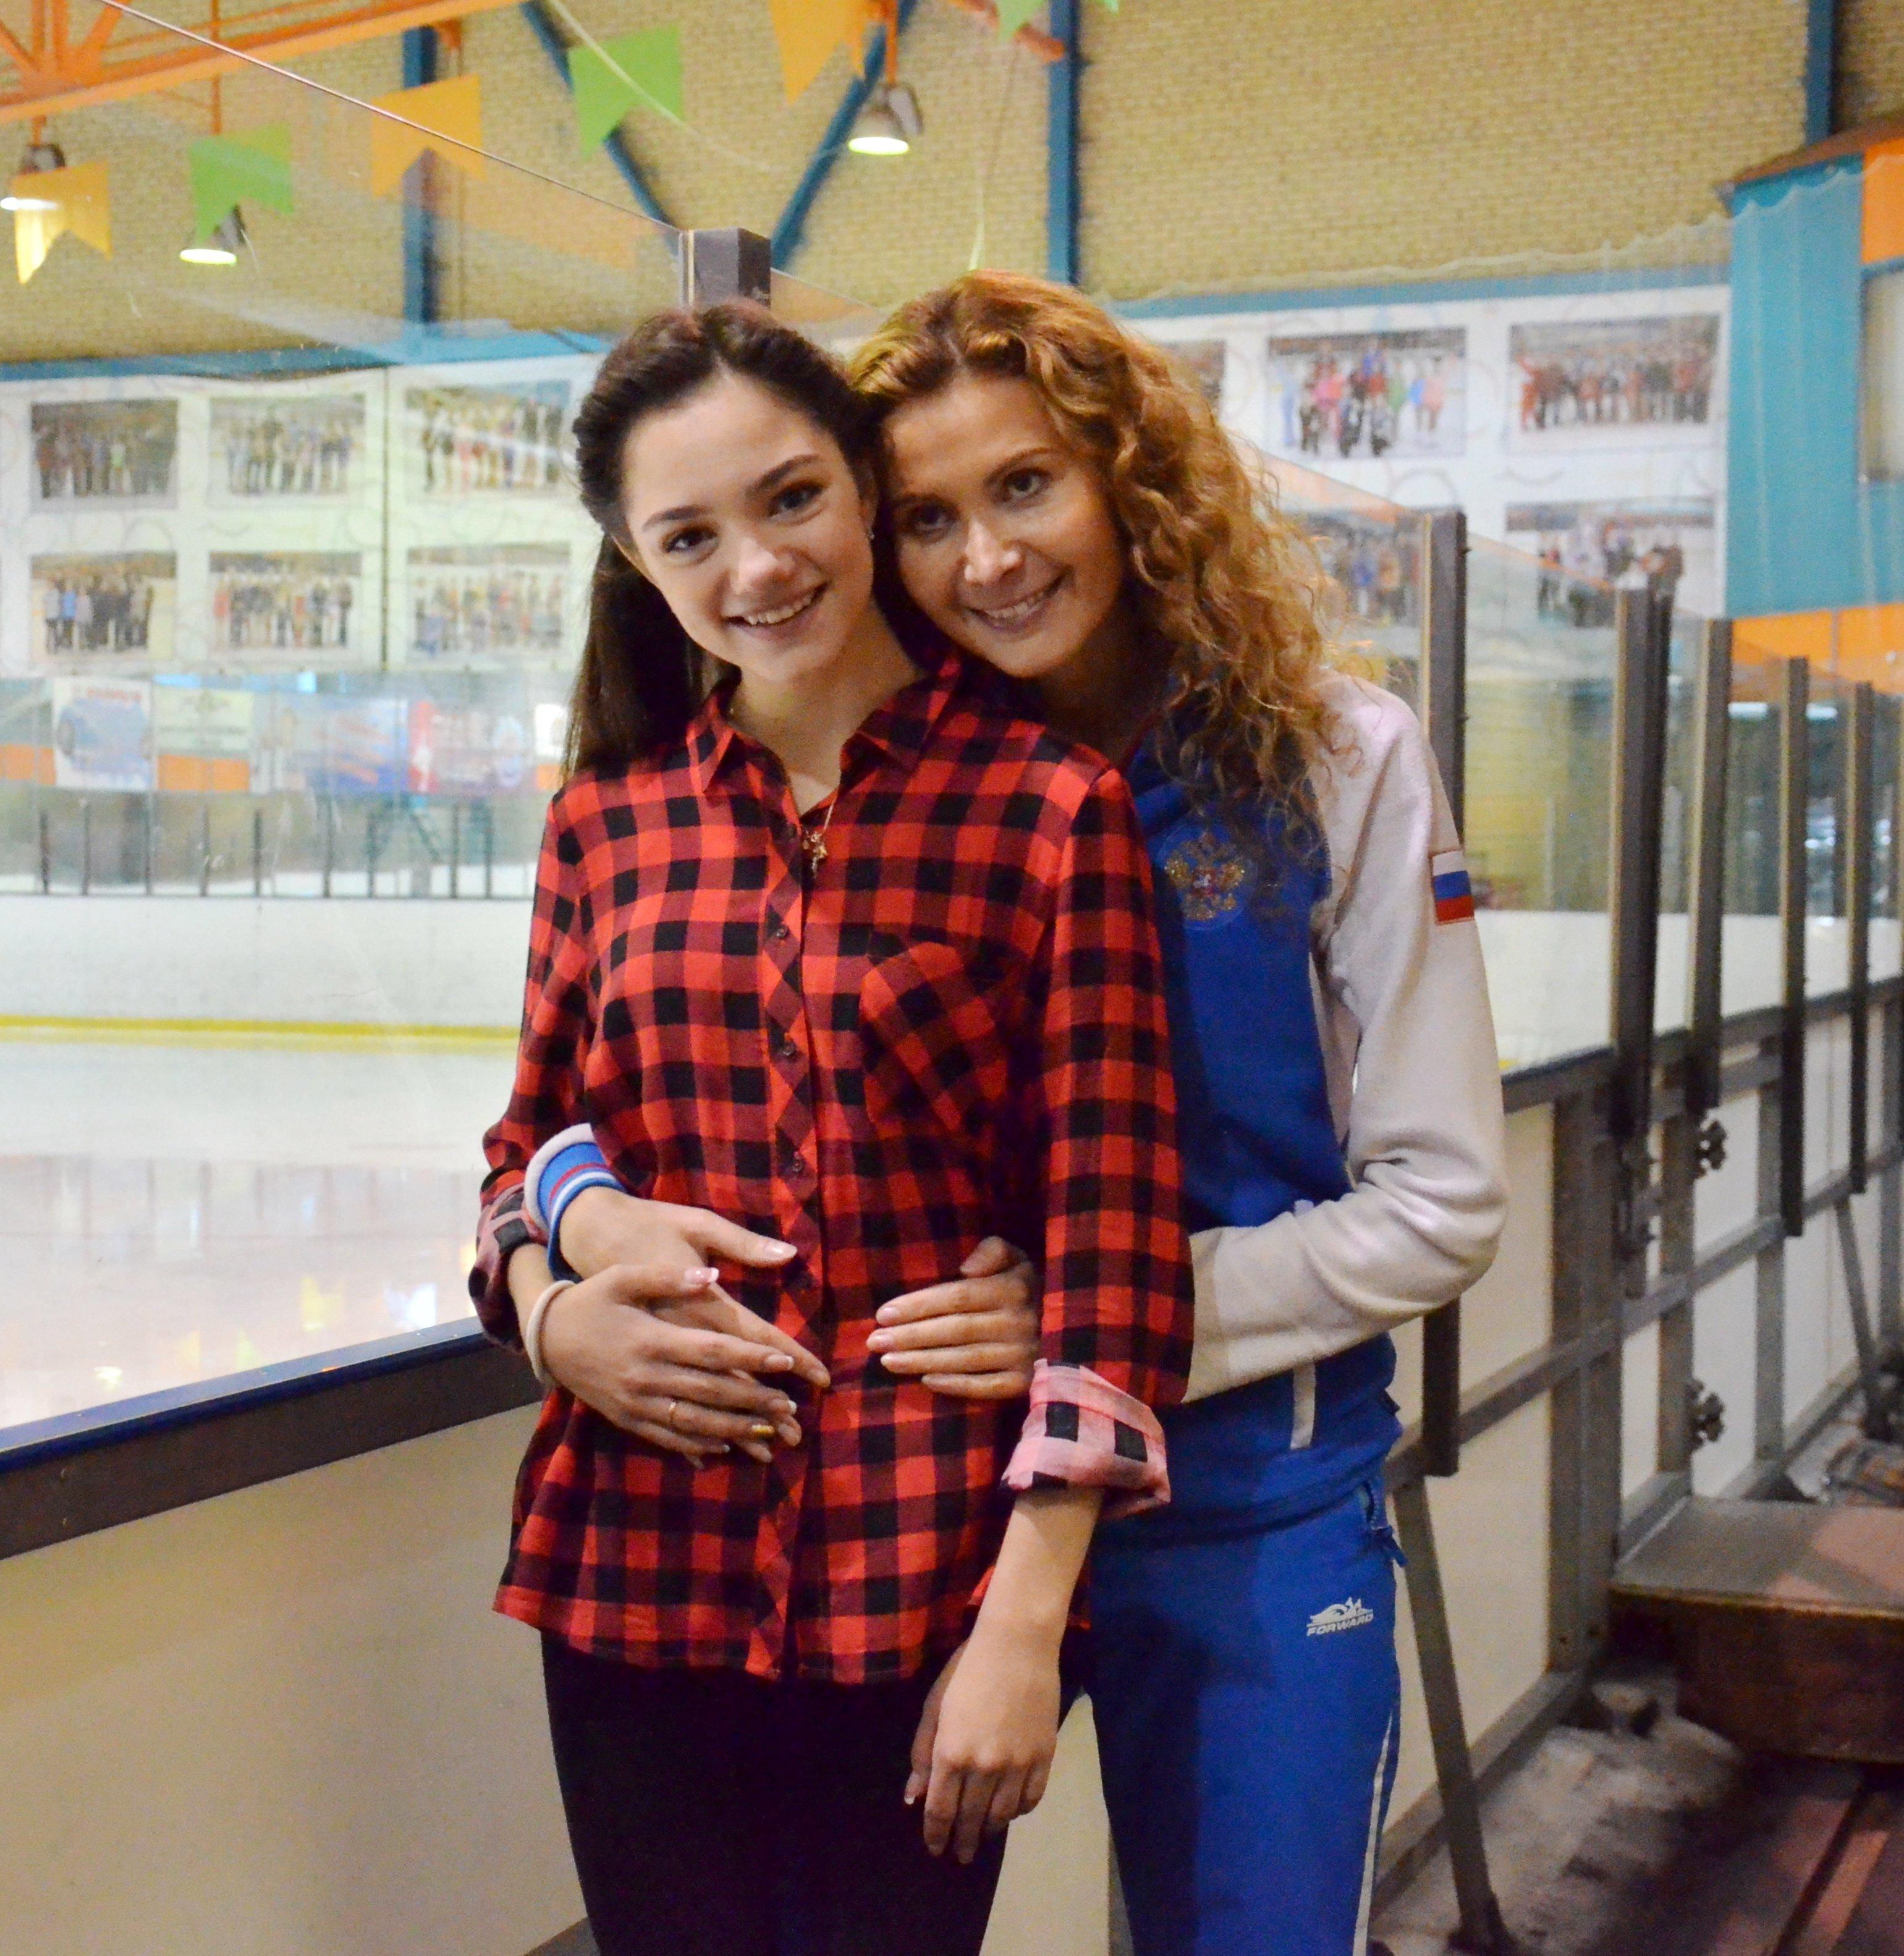 Young Evgenia Medvedeva nude photos 2019